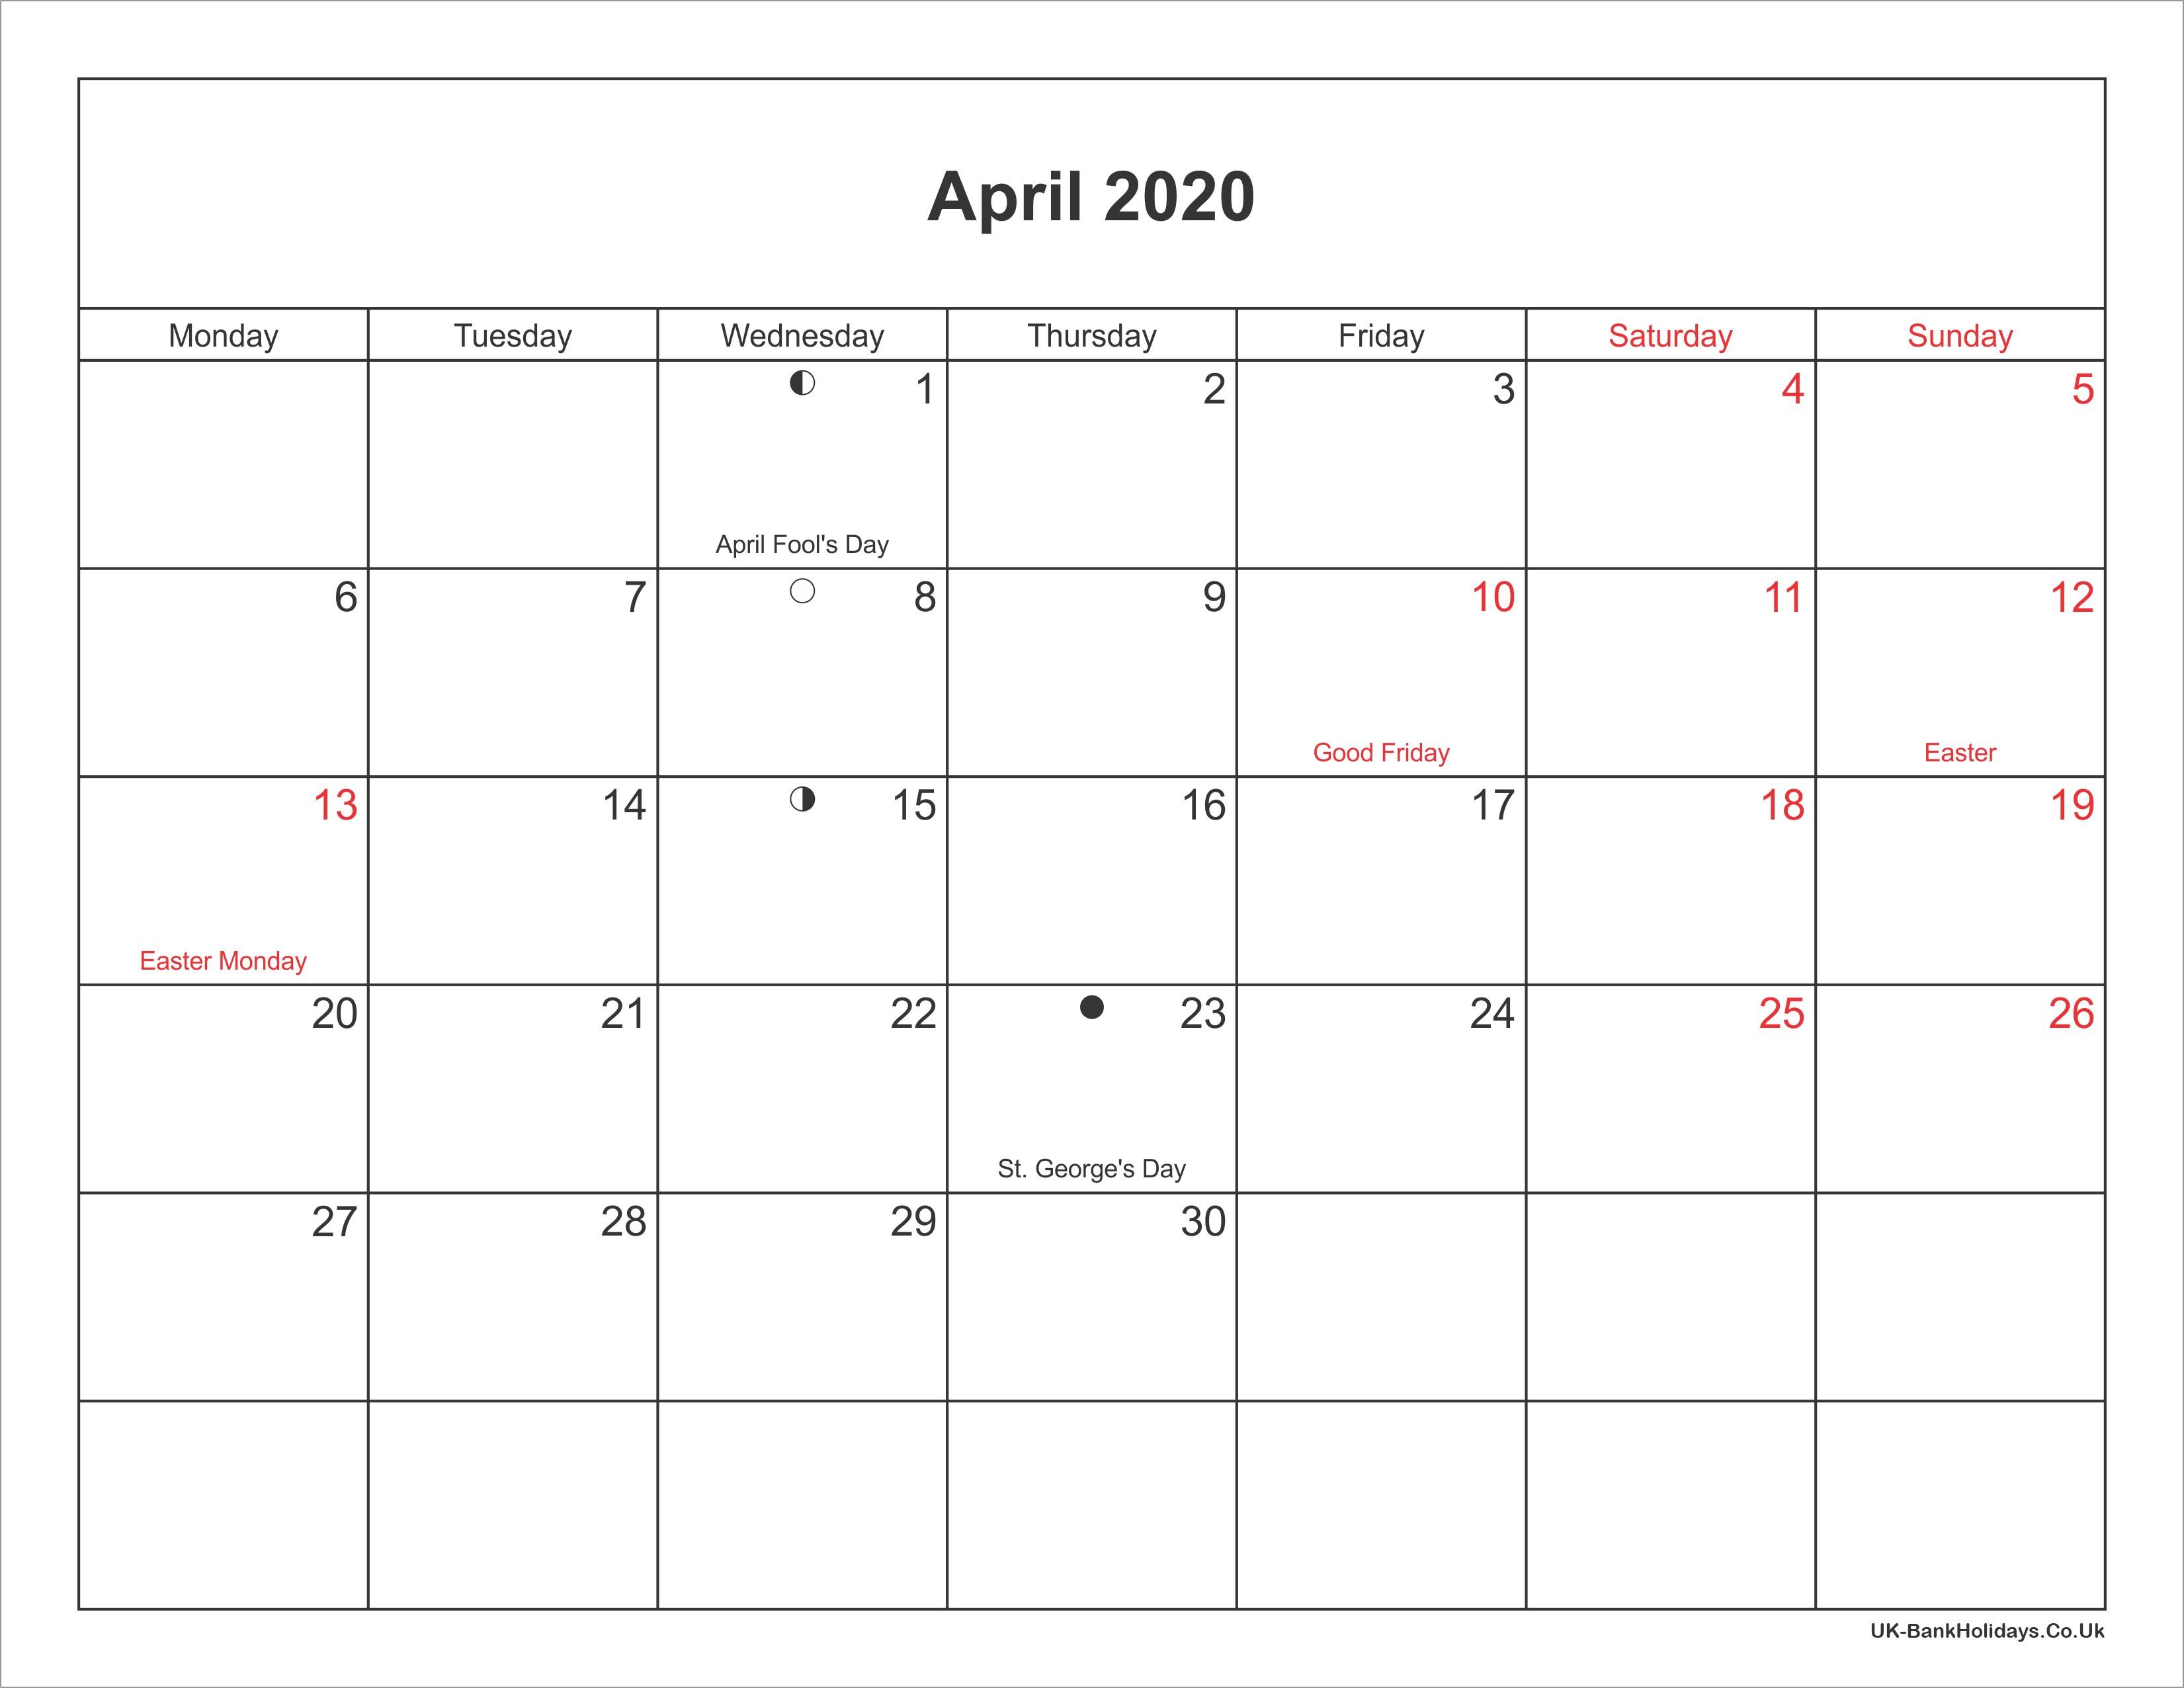 April 2020 Calendar Printable April 2020 Calendar Printable with Bank Holidays Uk